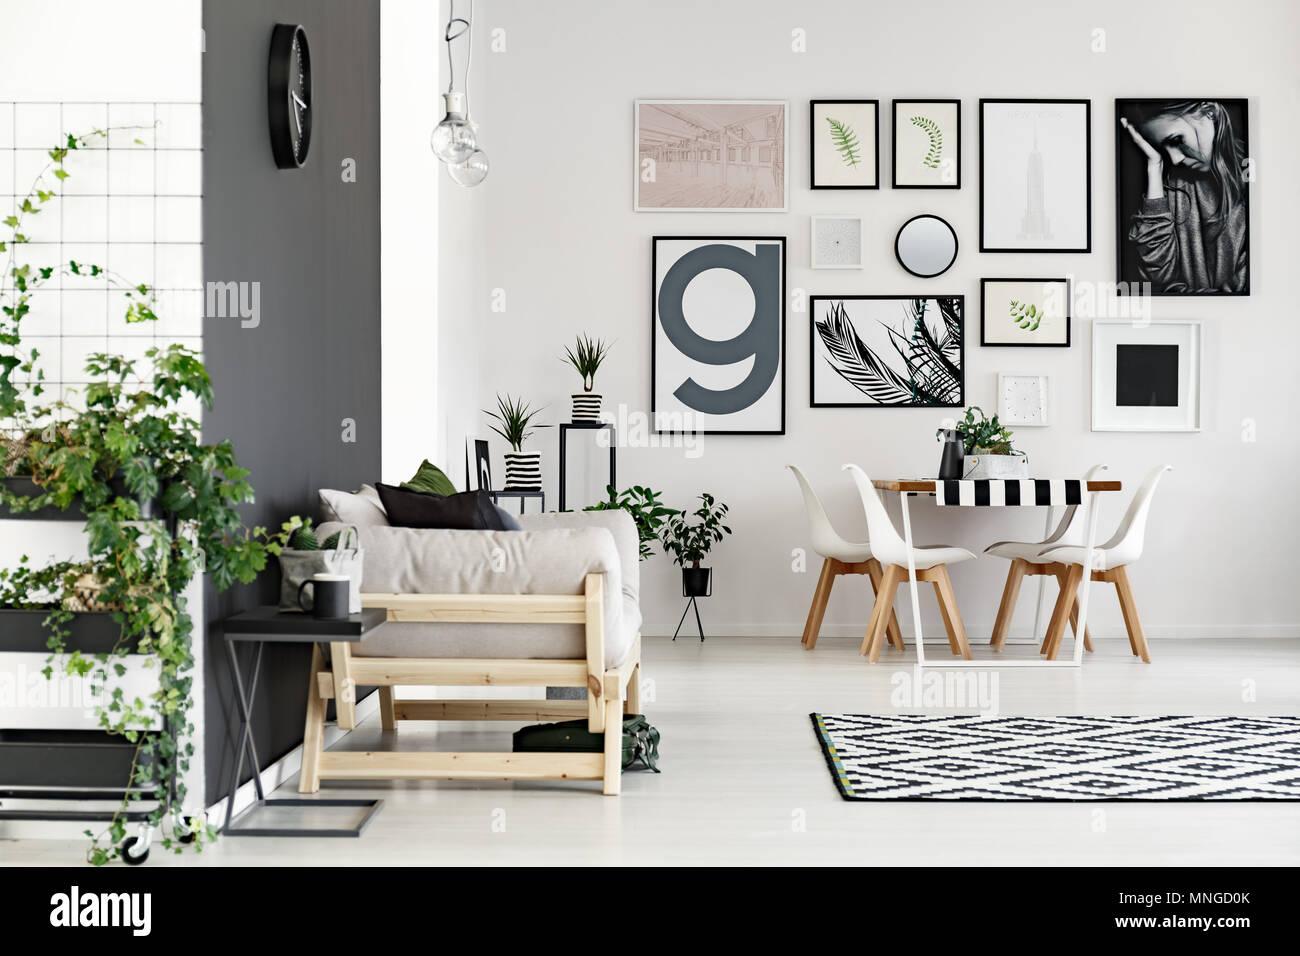 Piccola Sala Da Pranzo : Elegante soggiorno con divano collegato con una piccola sala da